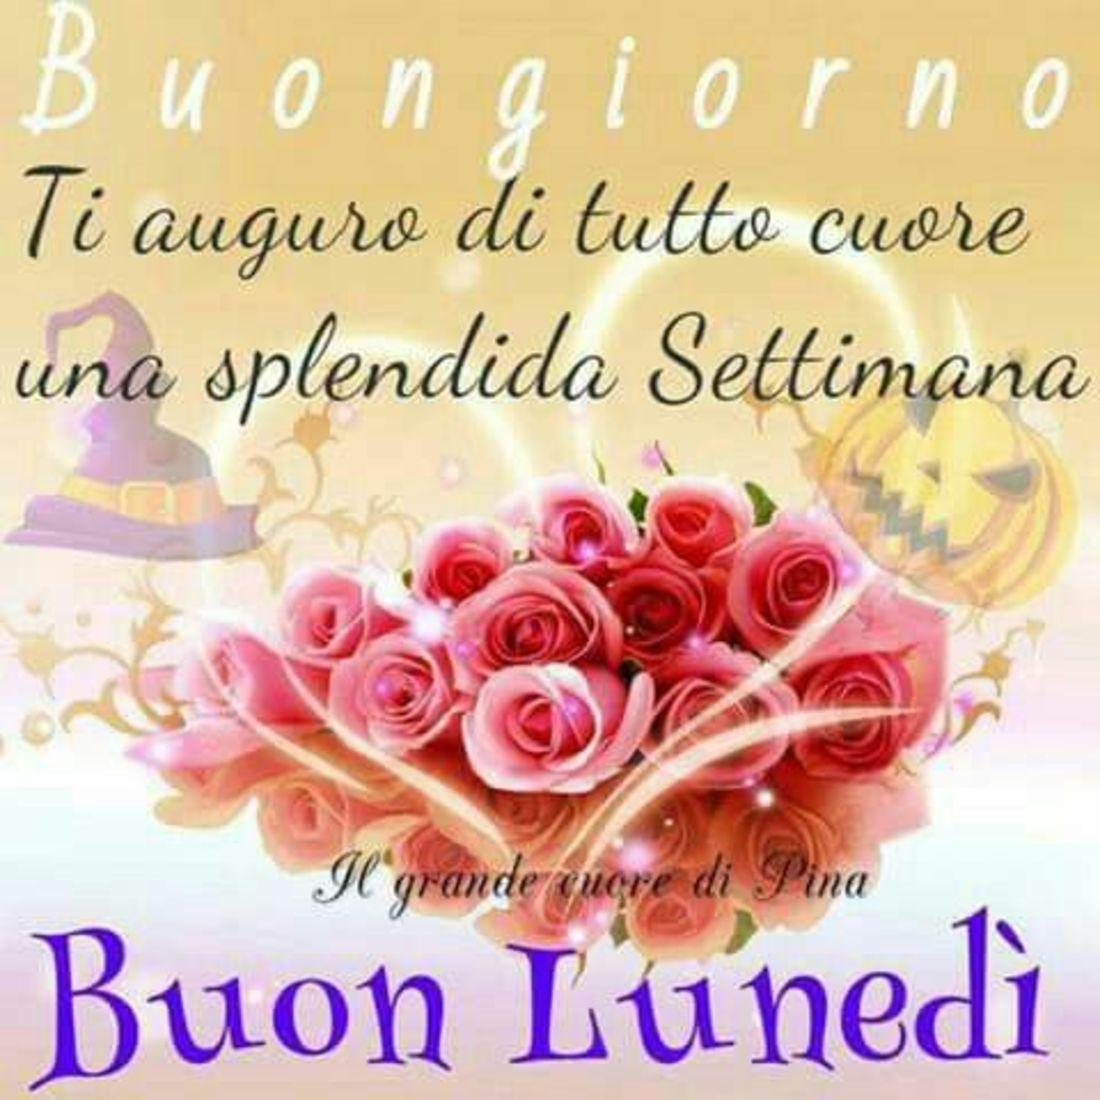 Buongiorno buon lunedi buon inizio settimana for Buon lunedi whatsapp